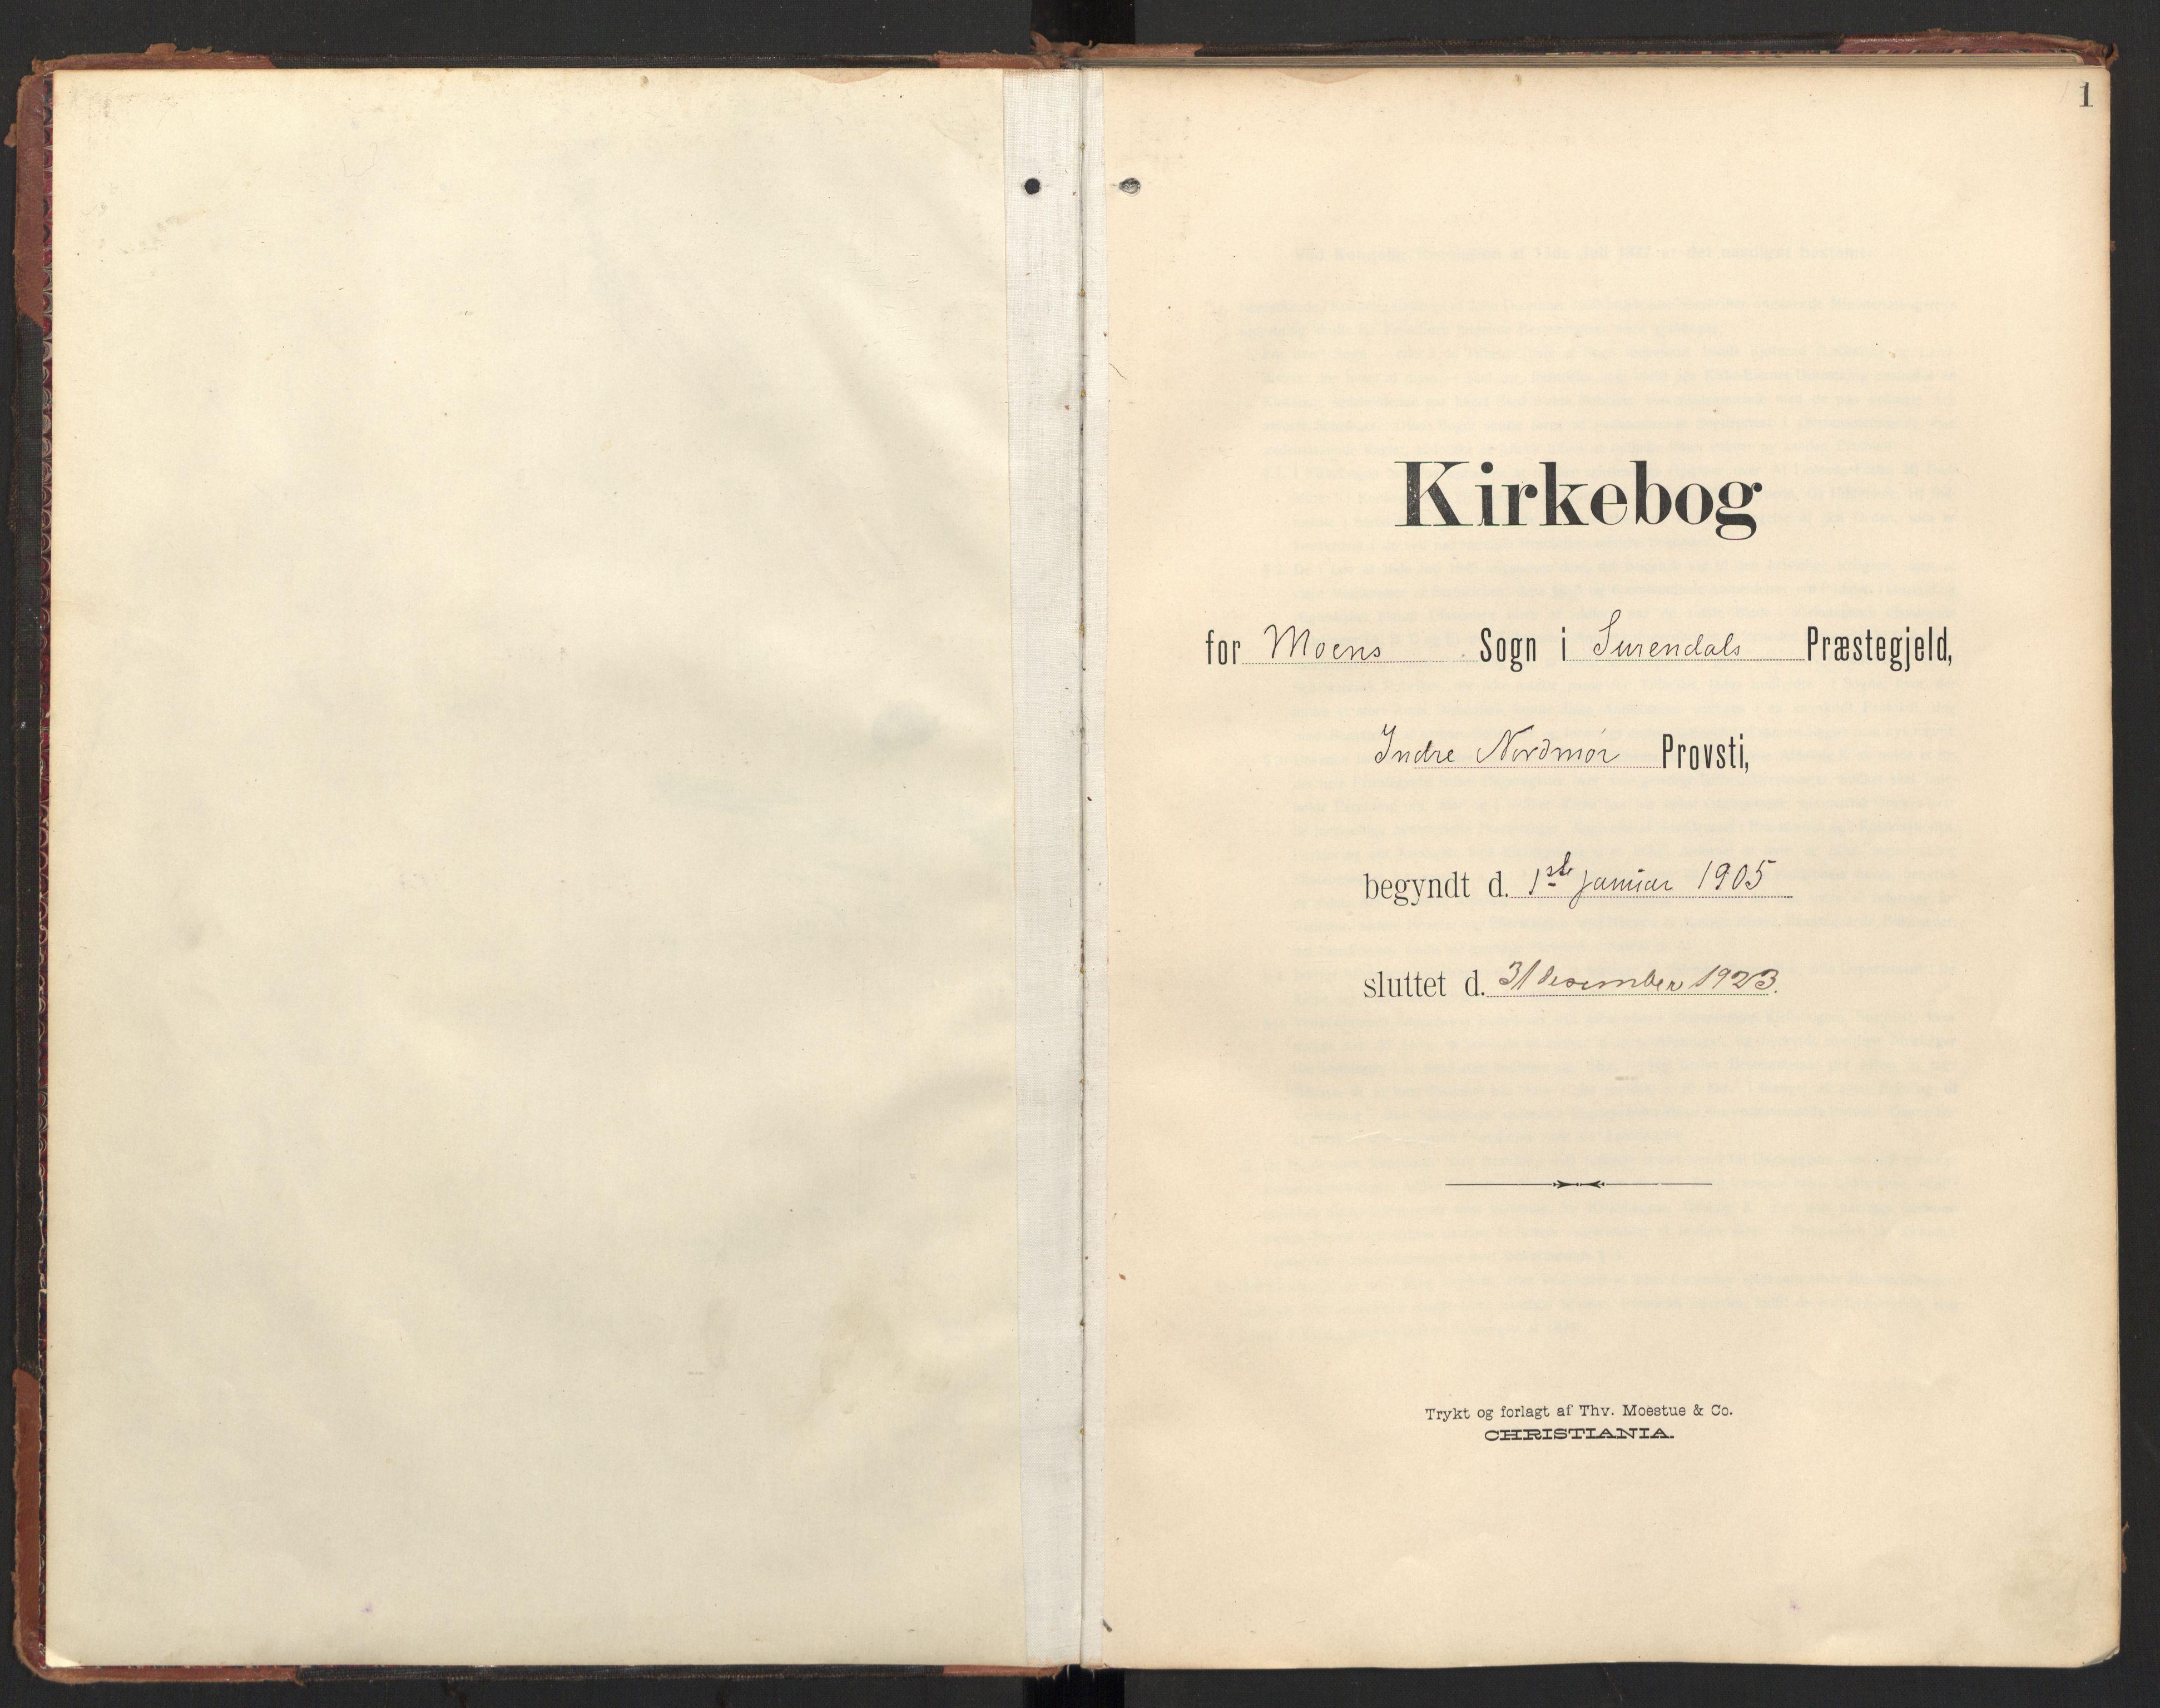 SAT, Ministerialprotokoller, klokkerbøker og fødselsregistre - Møre og Romsdal, 597/L1063: Ministerialbok nr. 597A02, 1905-1923, s. 1